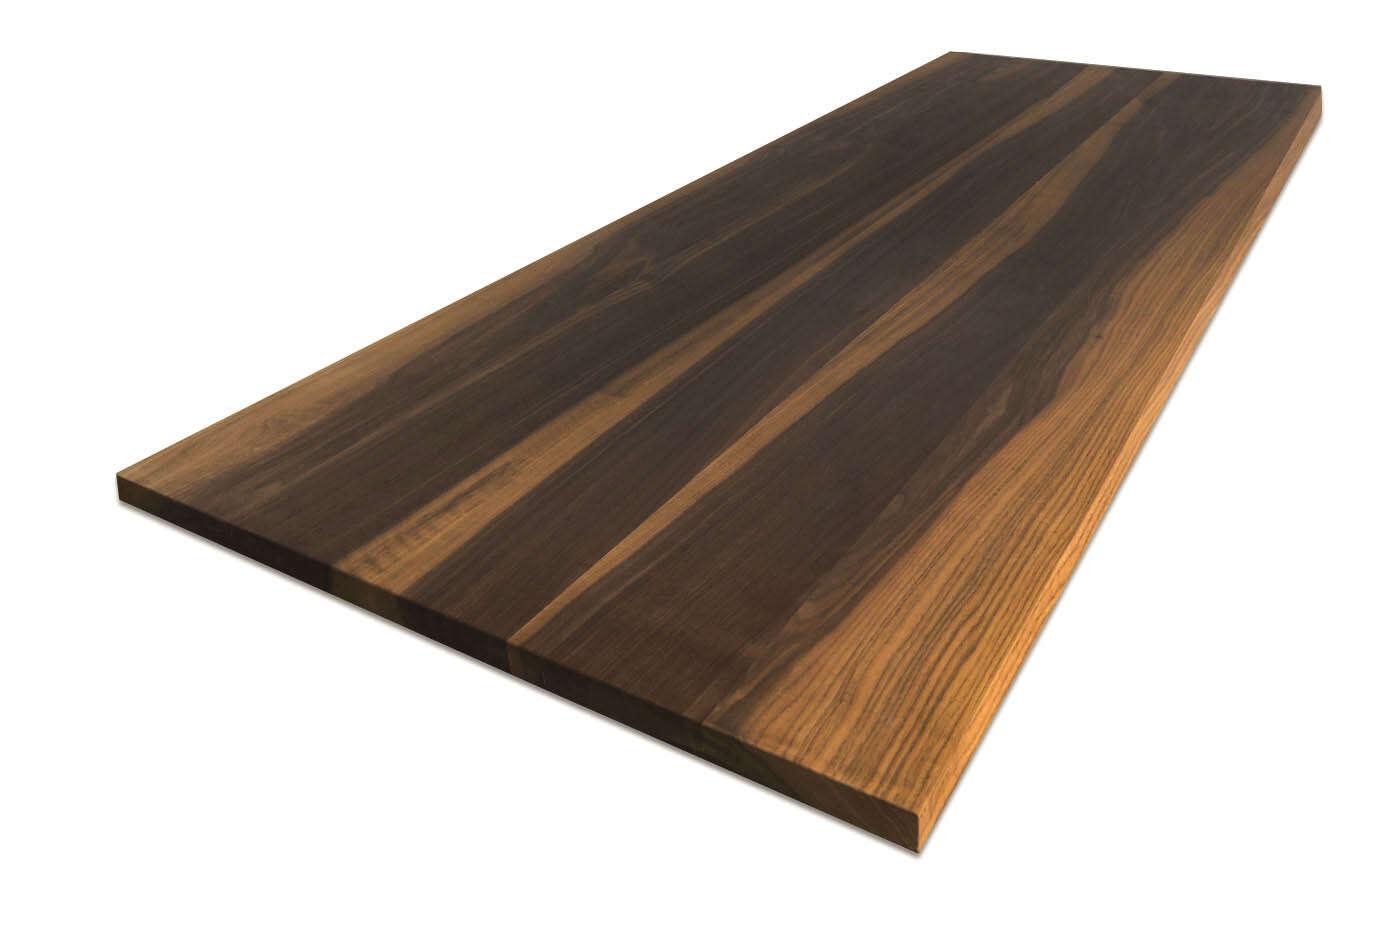 Tischplatte weiß nach maß  Tischplatte Nussbaum massiv nach Maß | ansehen